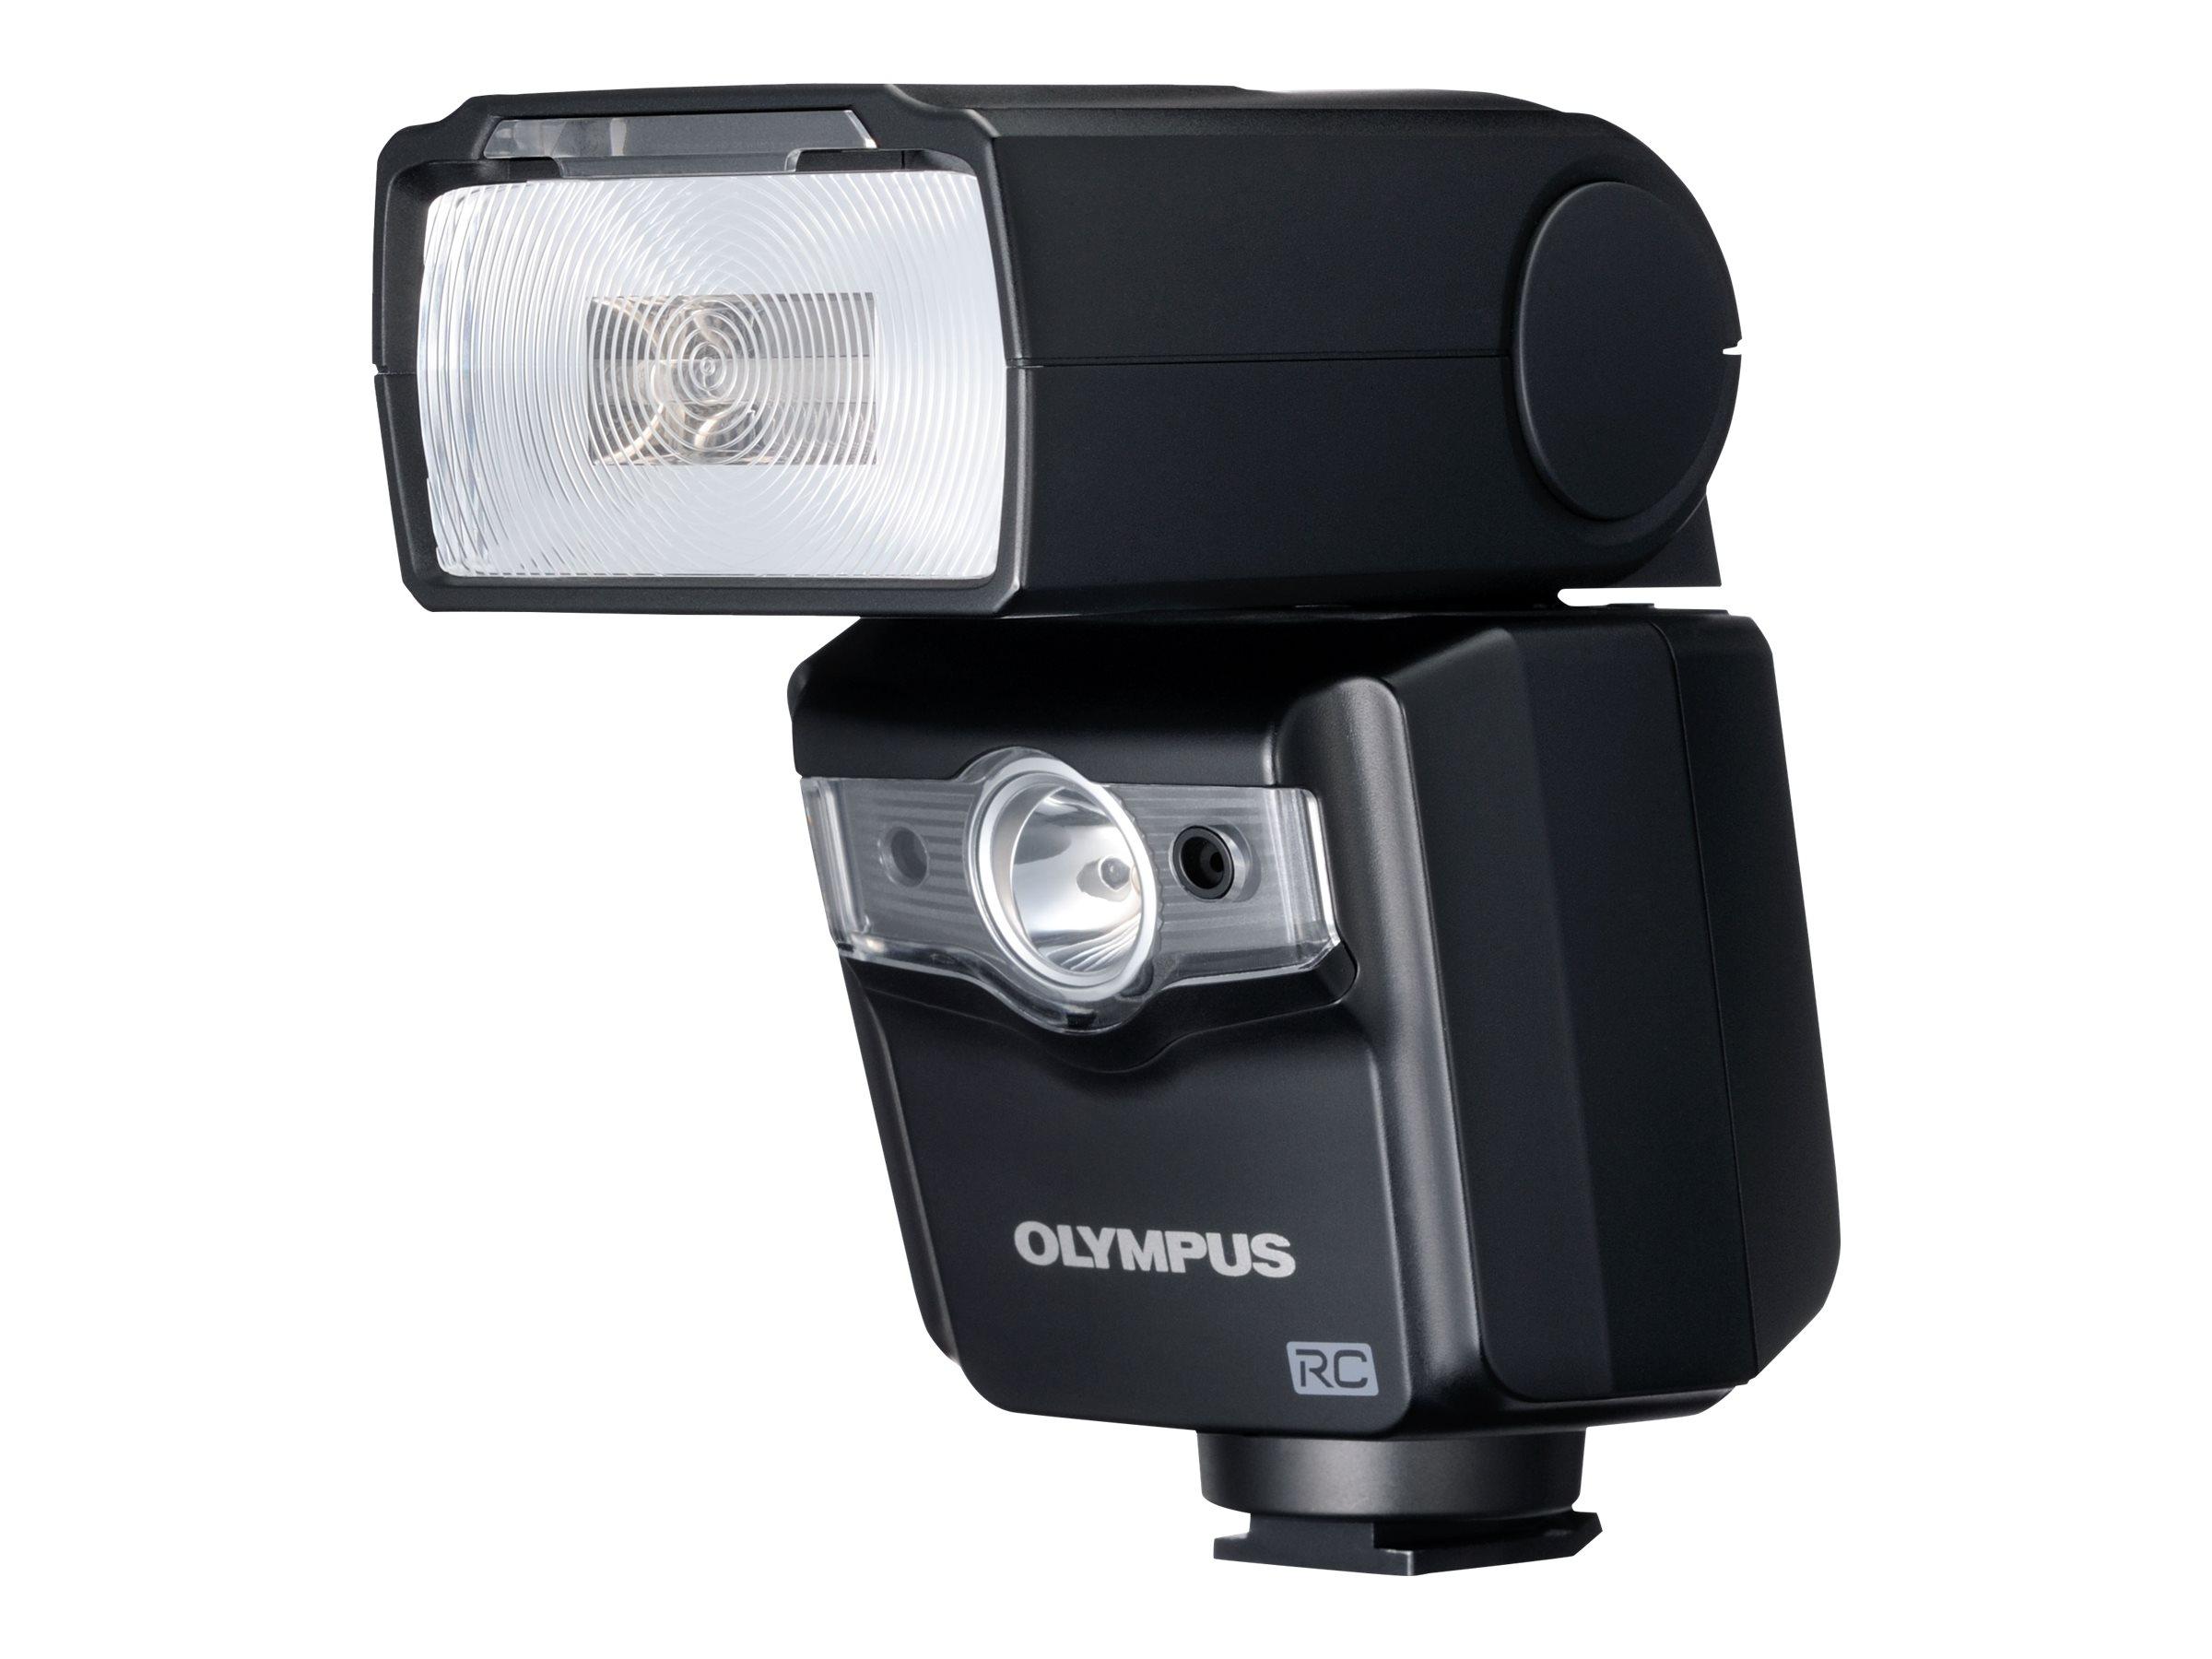 Olympus FL-600R - Blitzgerät - 36 (m) - für Olympus PEN-F; OM-D E-M1, E-M10, EM-5, E-M5; PEN E-PL6, E-PL7, E-PL9, E-PM2; Stylus